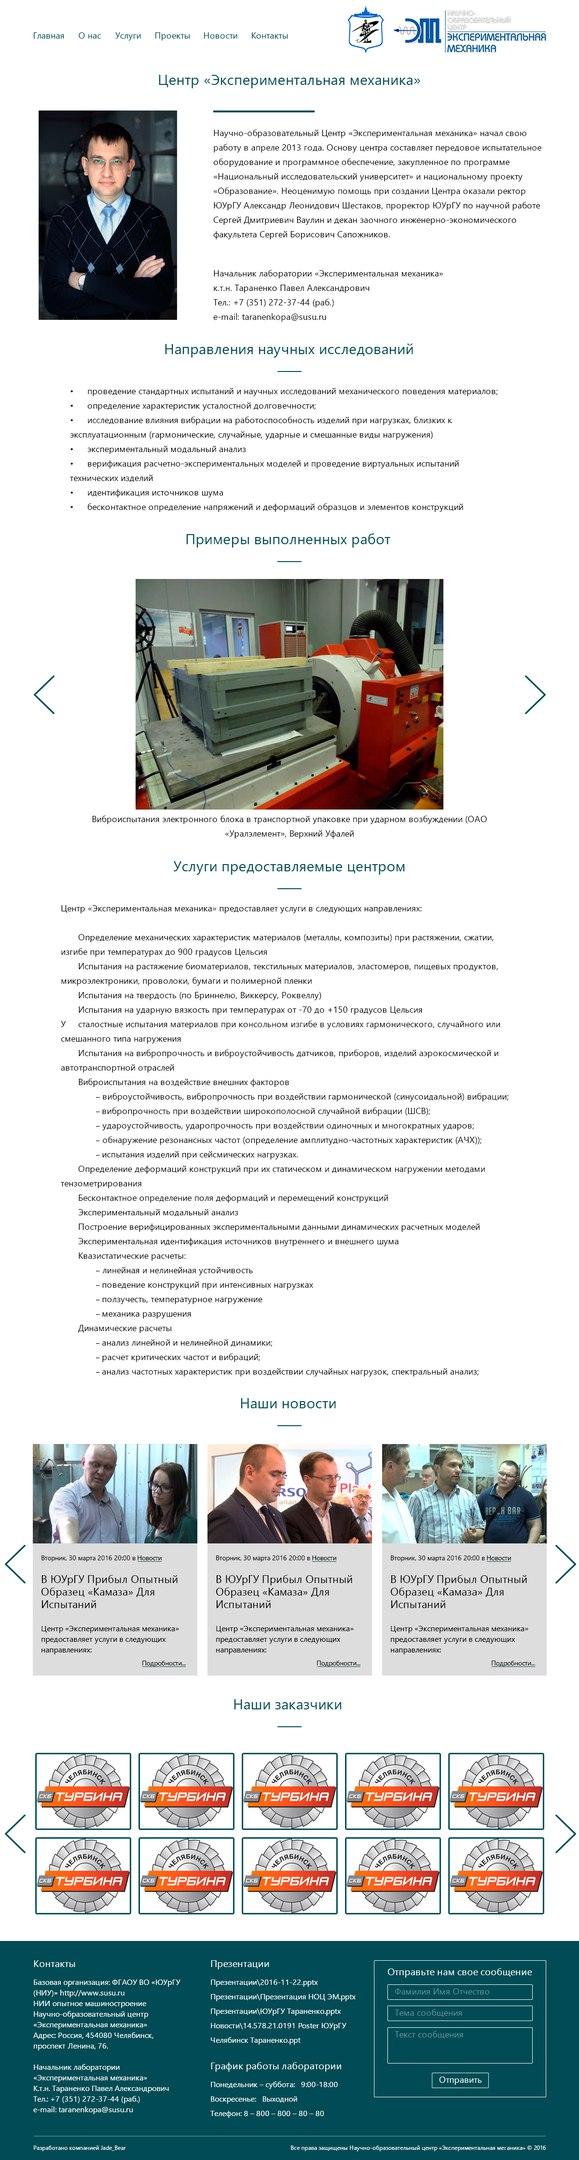 Научно-образовательный Центр «Экспериментальная механика» под ВУЗом ЮУрГУ на CMS платформе WordPress